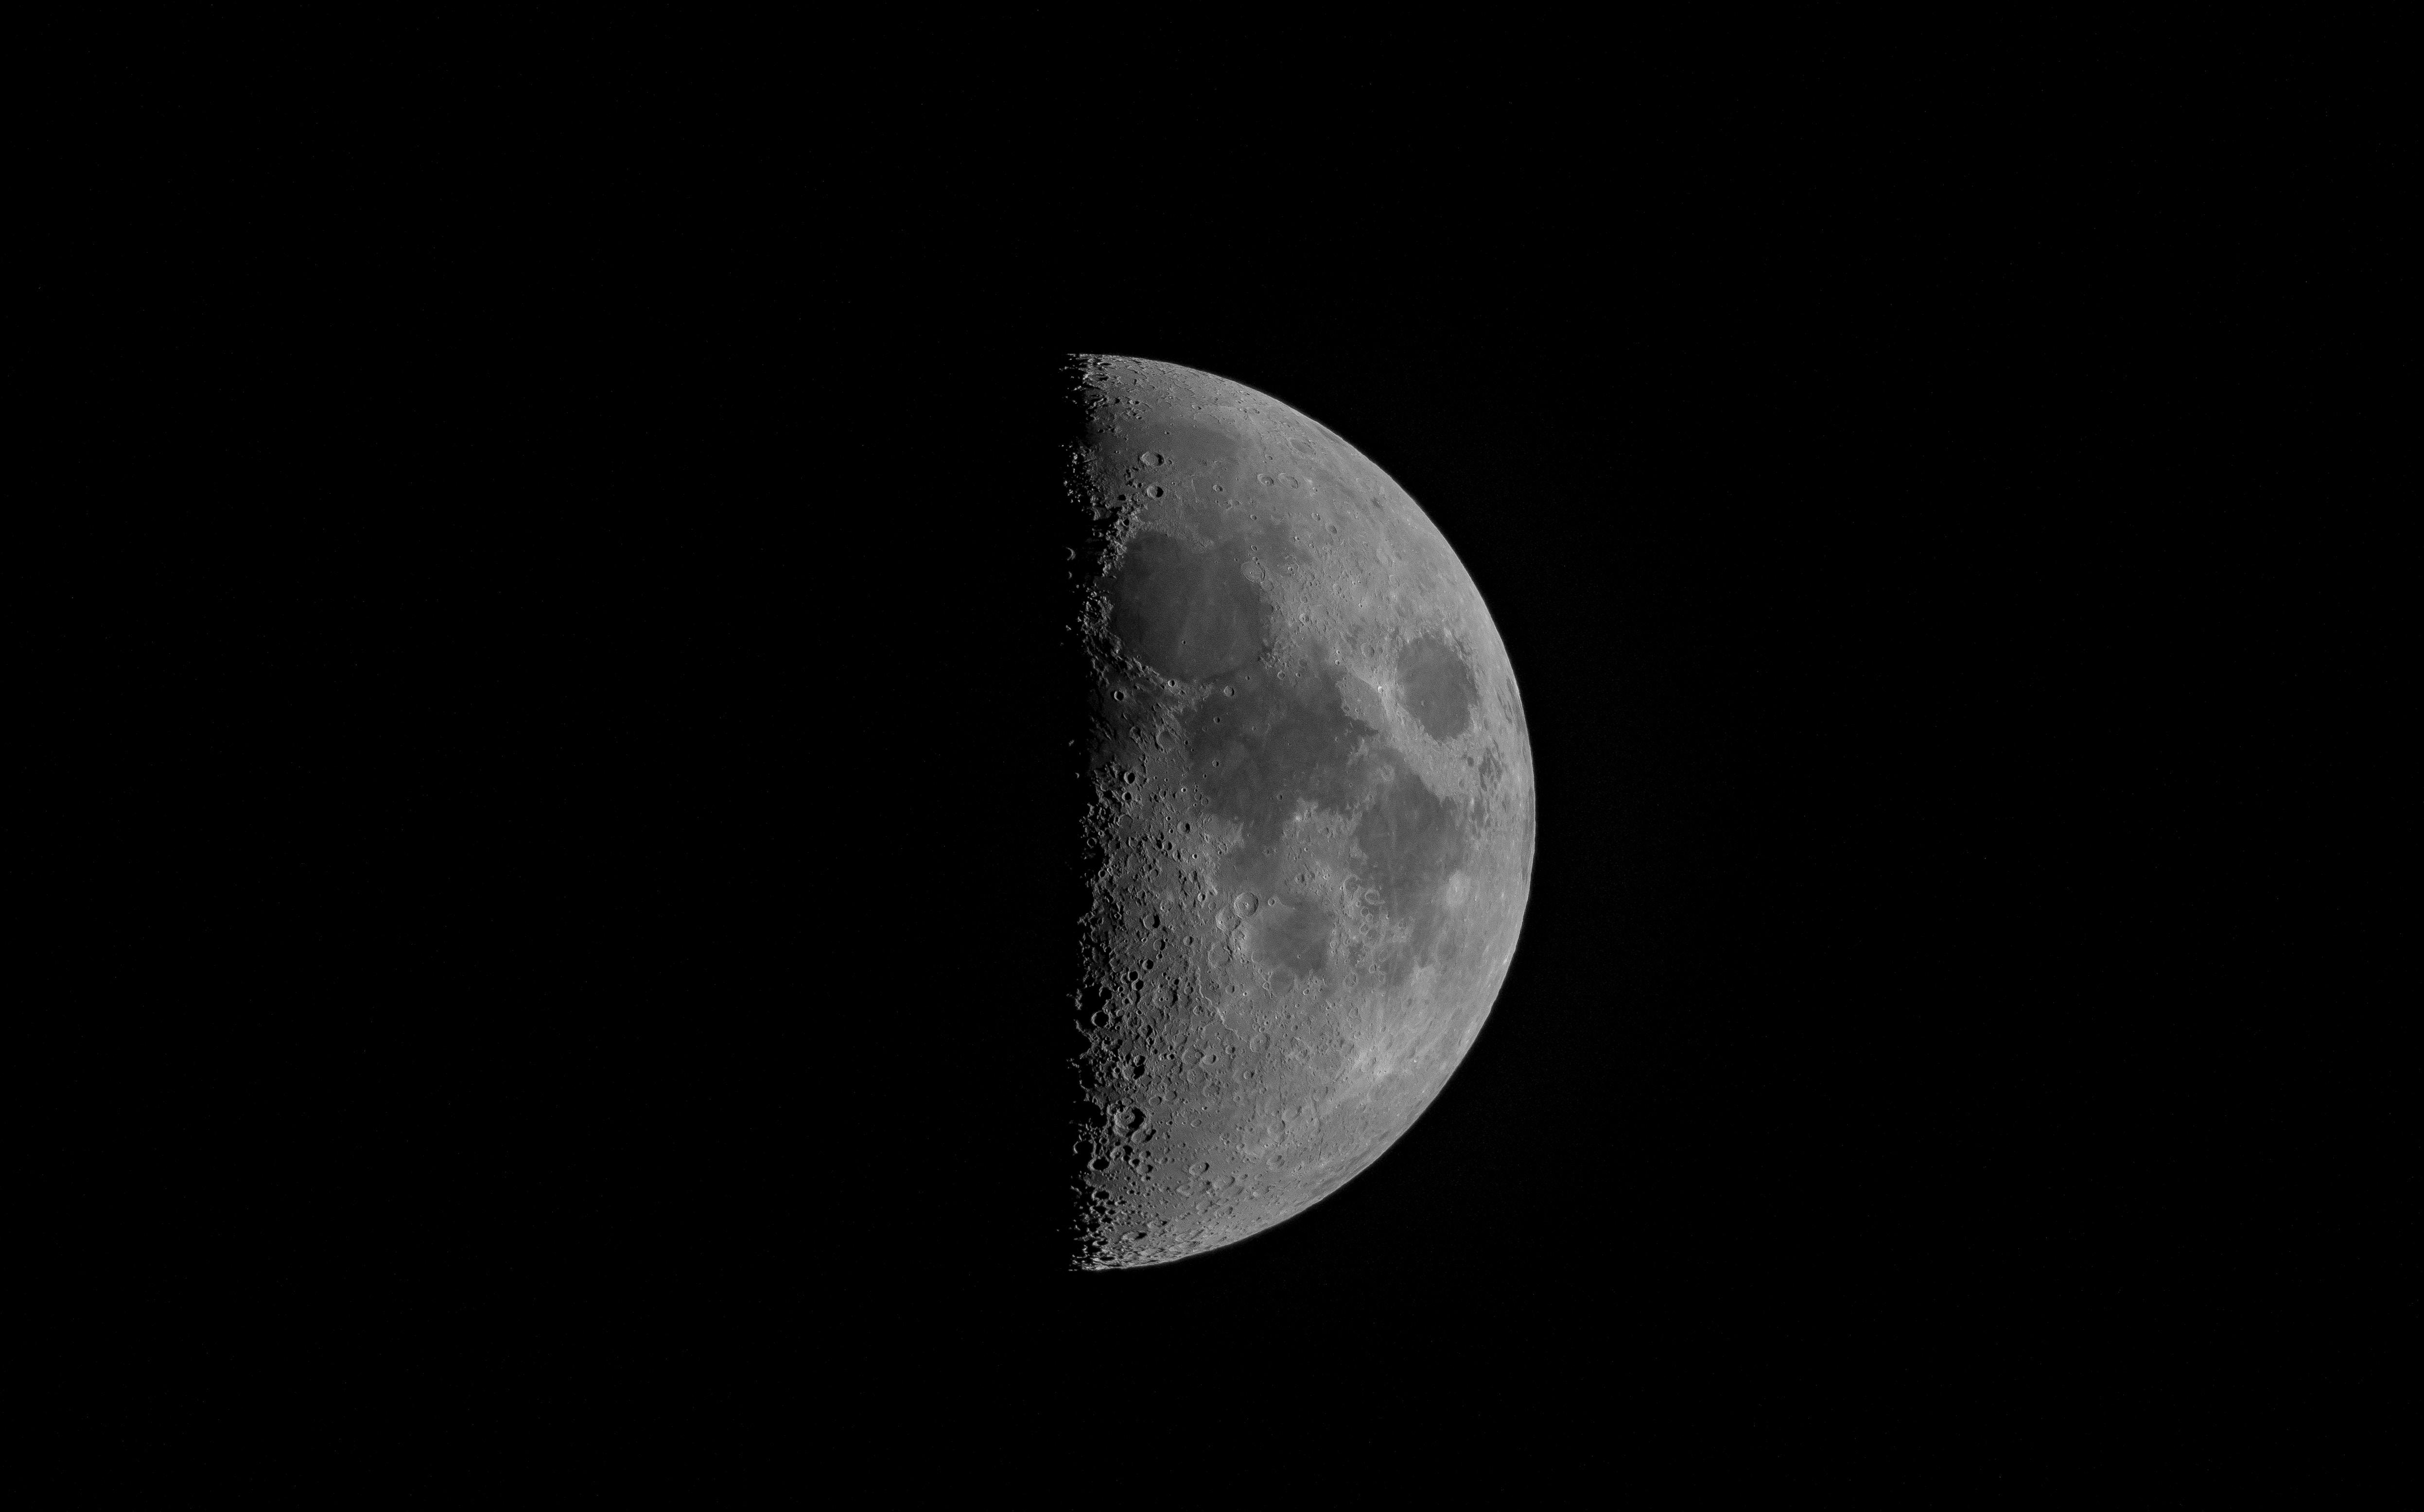 140347 скачать обои Луна, Полнолуние, Чб, Планета, Темный, Космос - заставки и картинки бесплатно